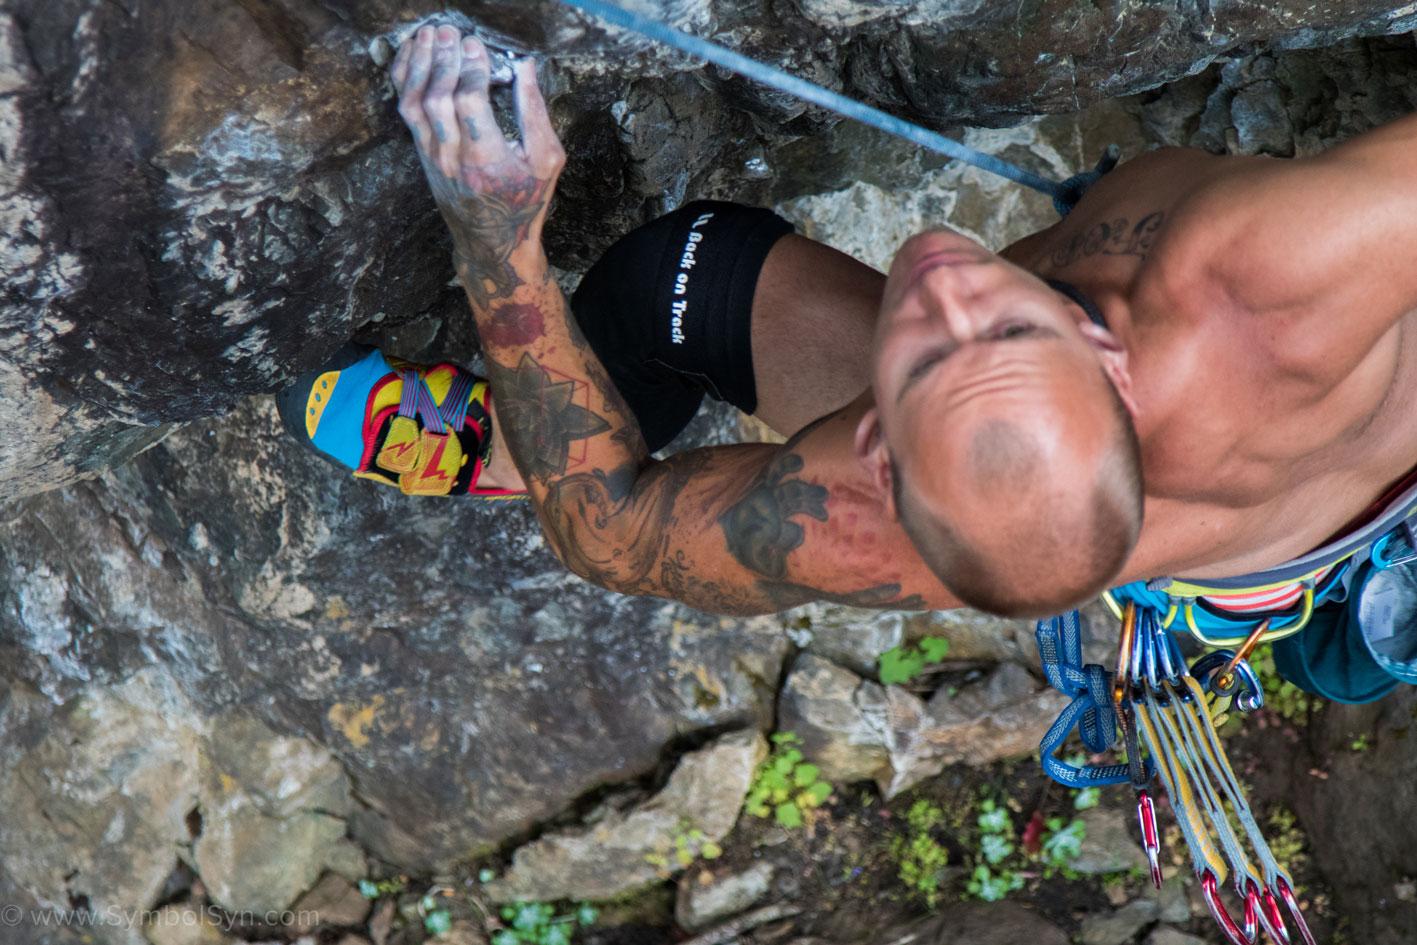 Johnny Climbing